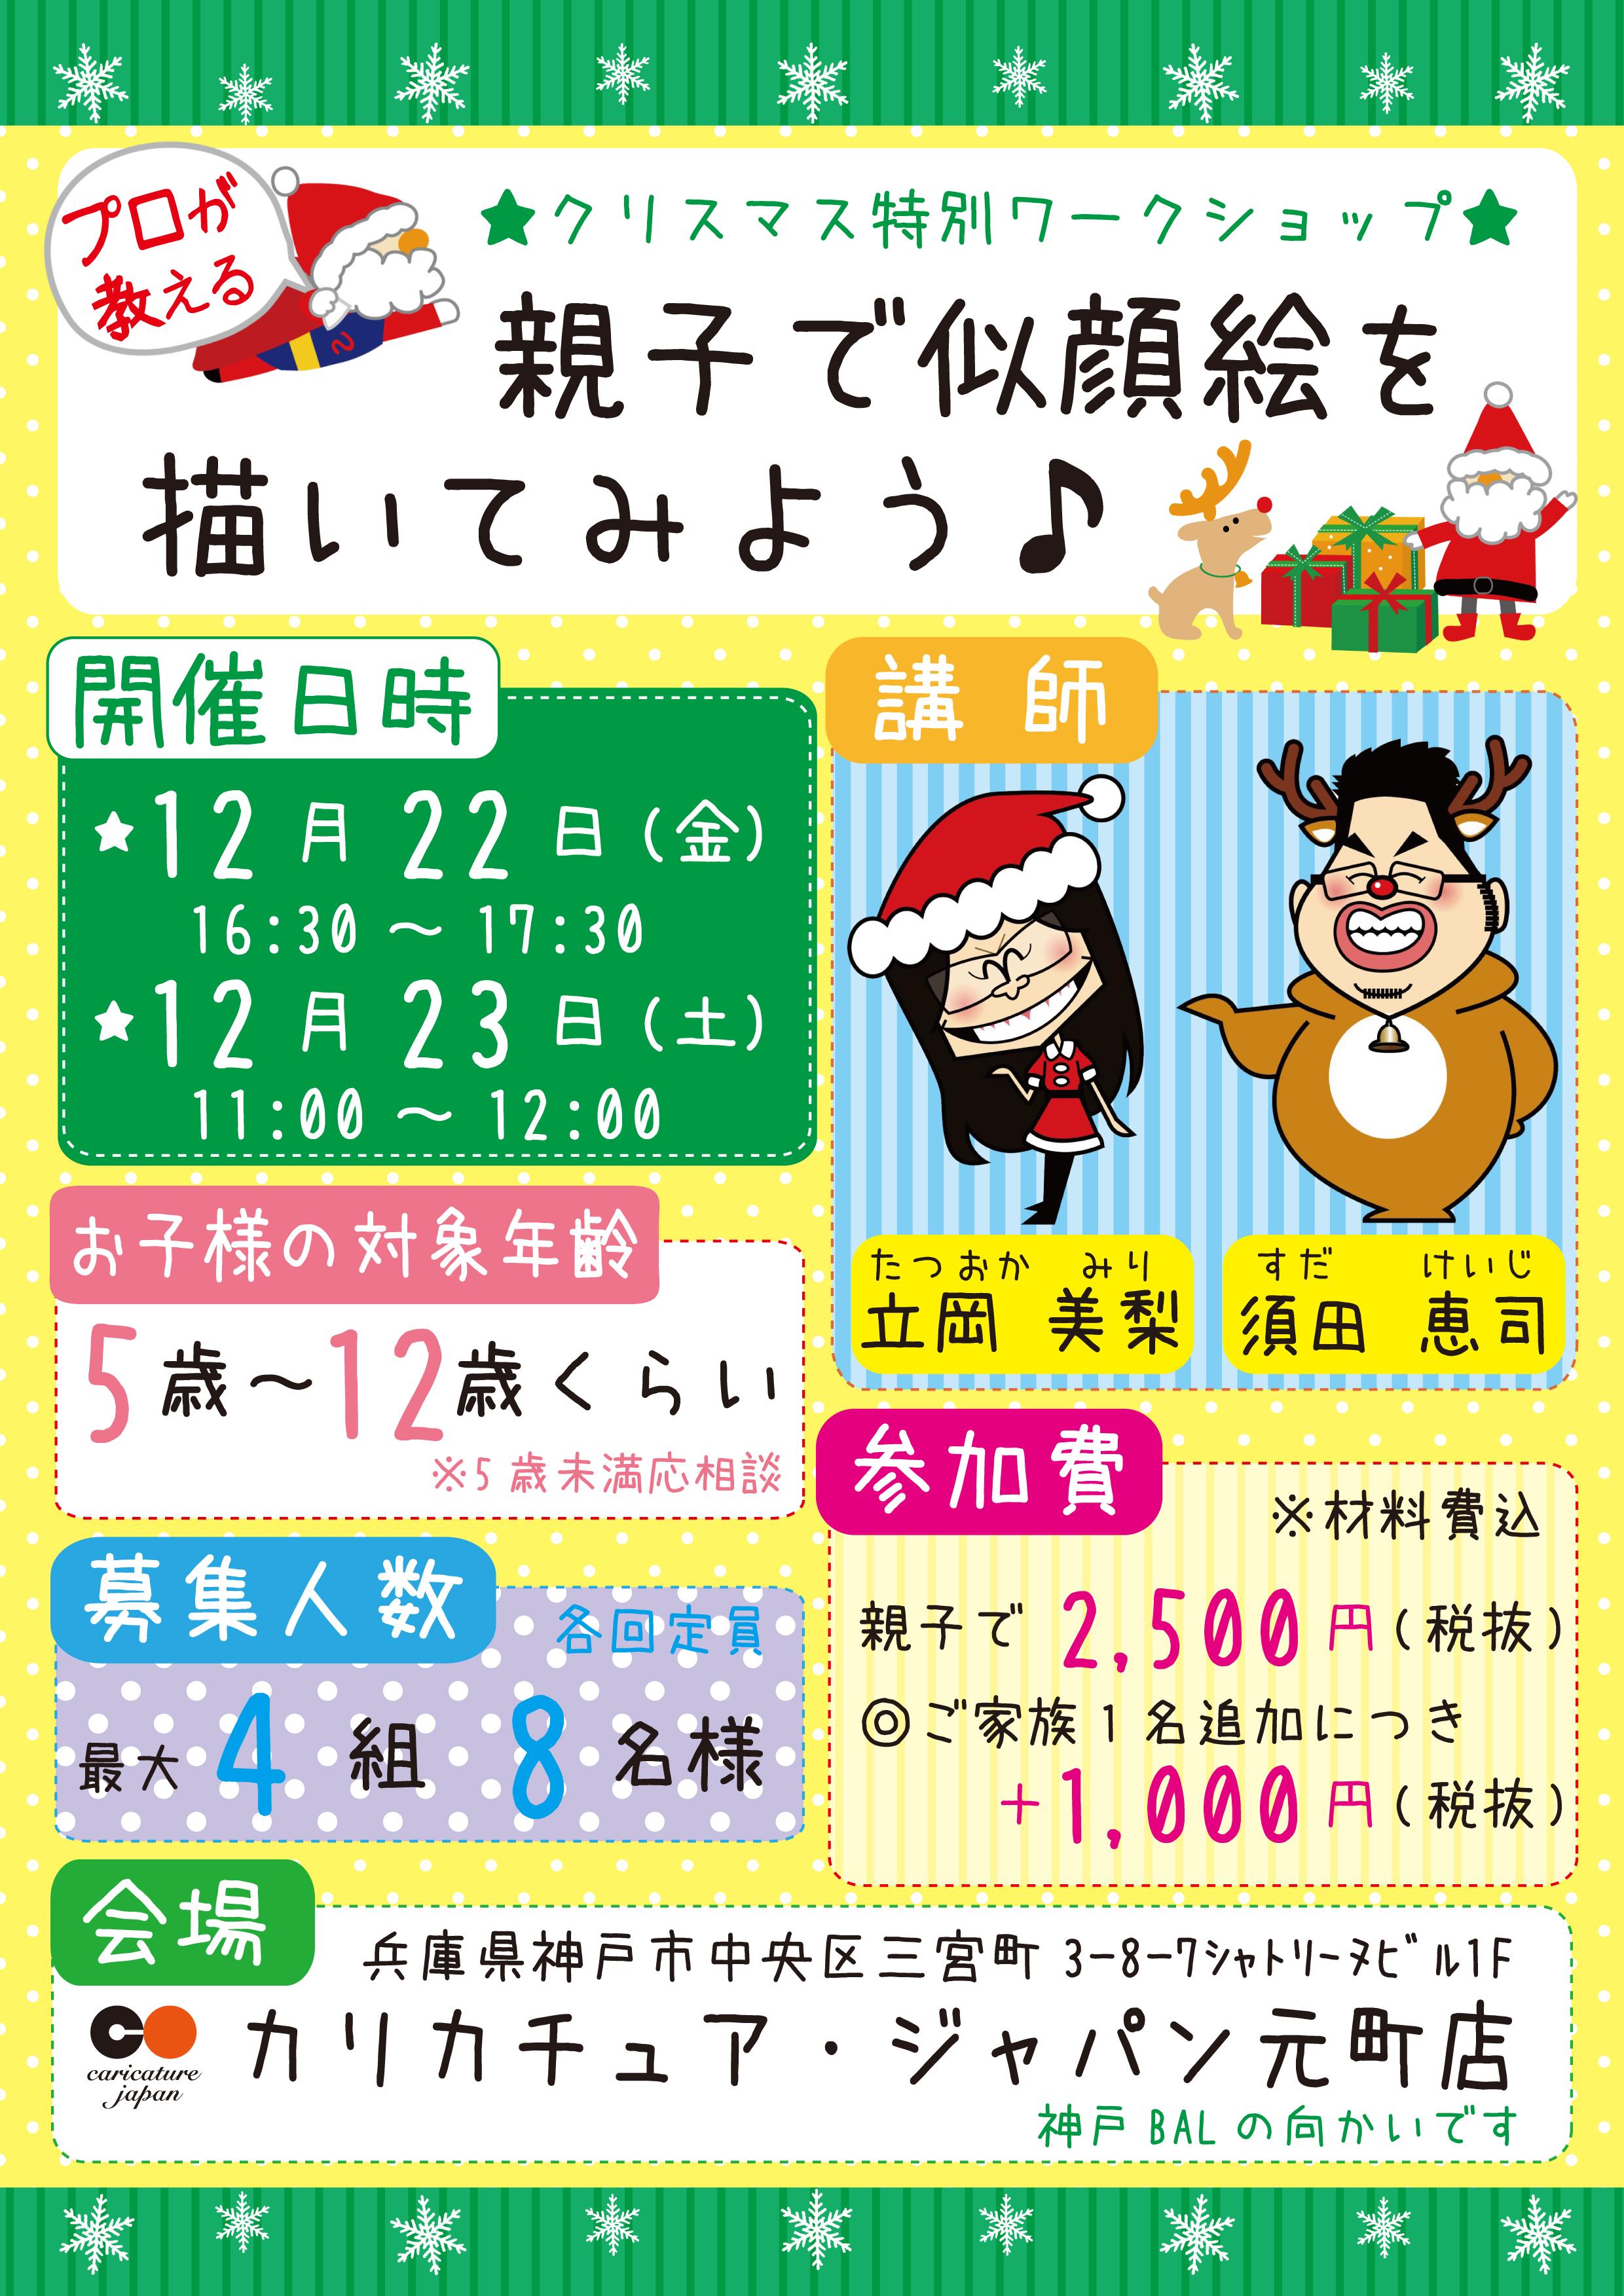 神戸イベントチラシ